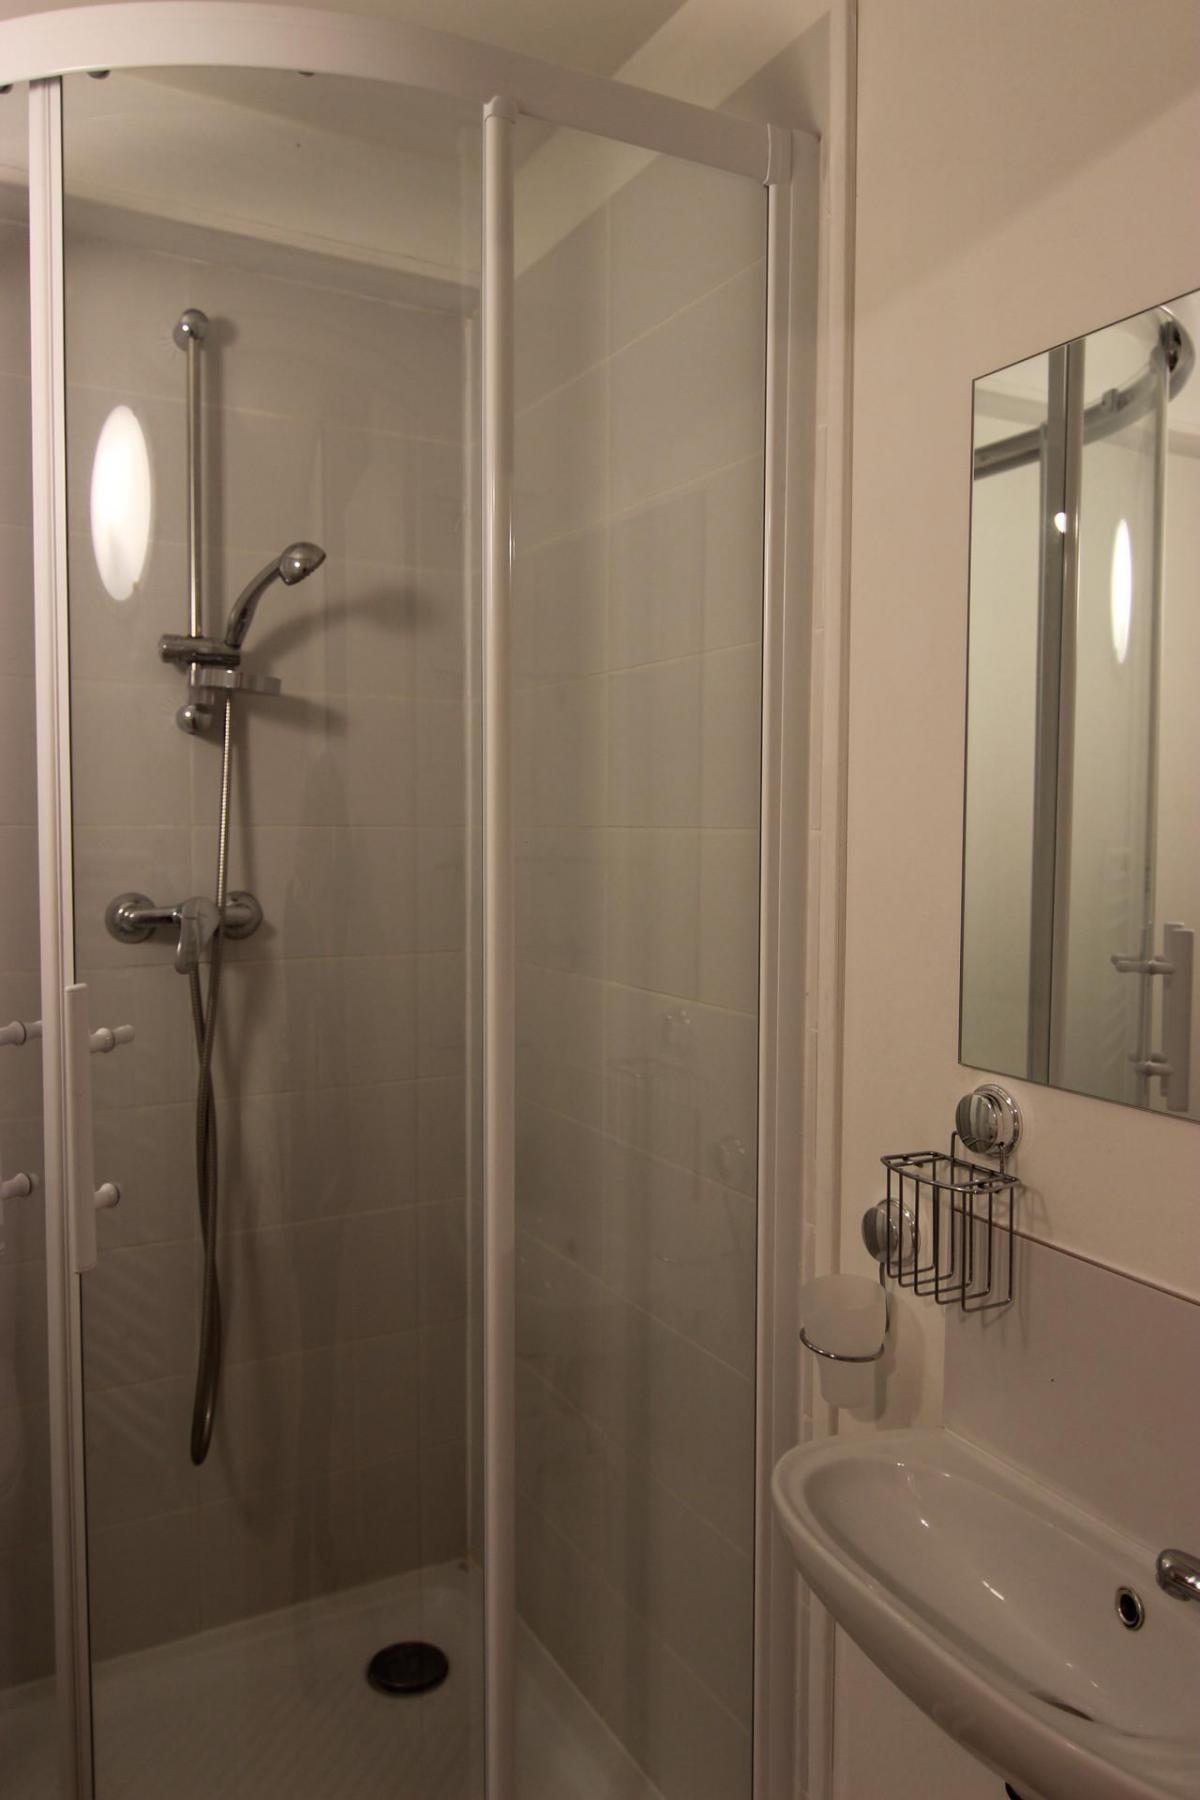 Location au ski Appartement 3 pièces 6 personnes (17) - Residence Hauts De Chaviere - Val Thorens - Extérieur hiver